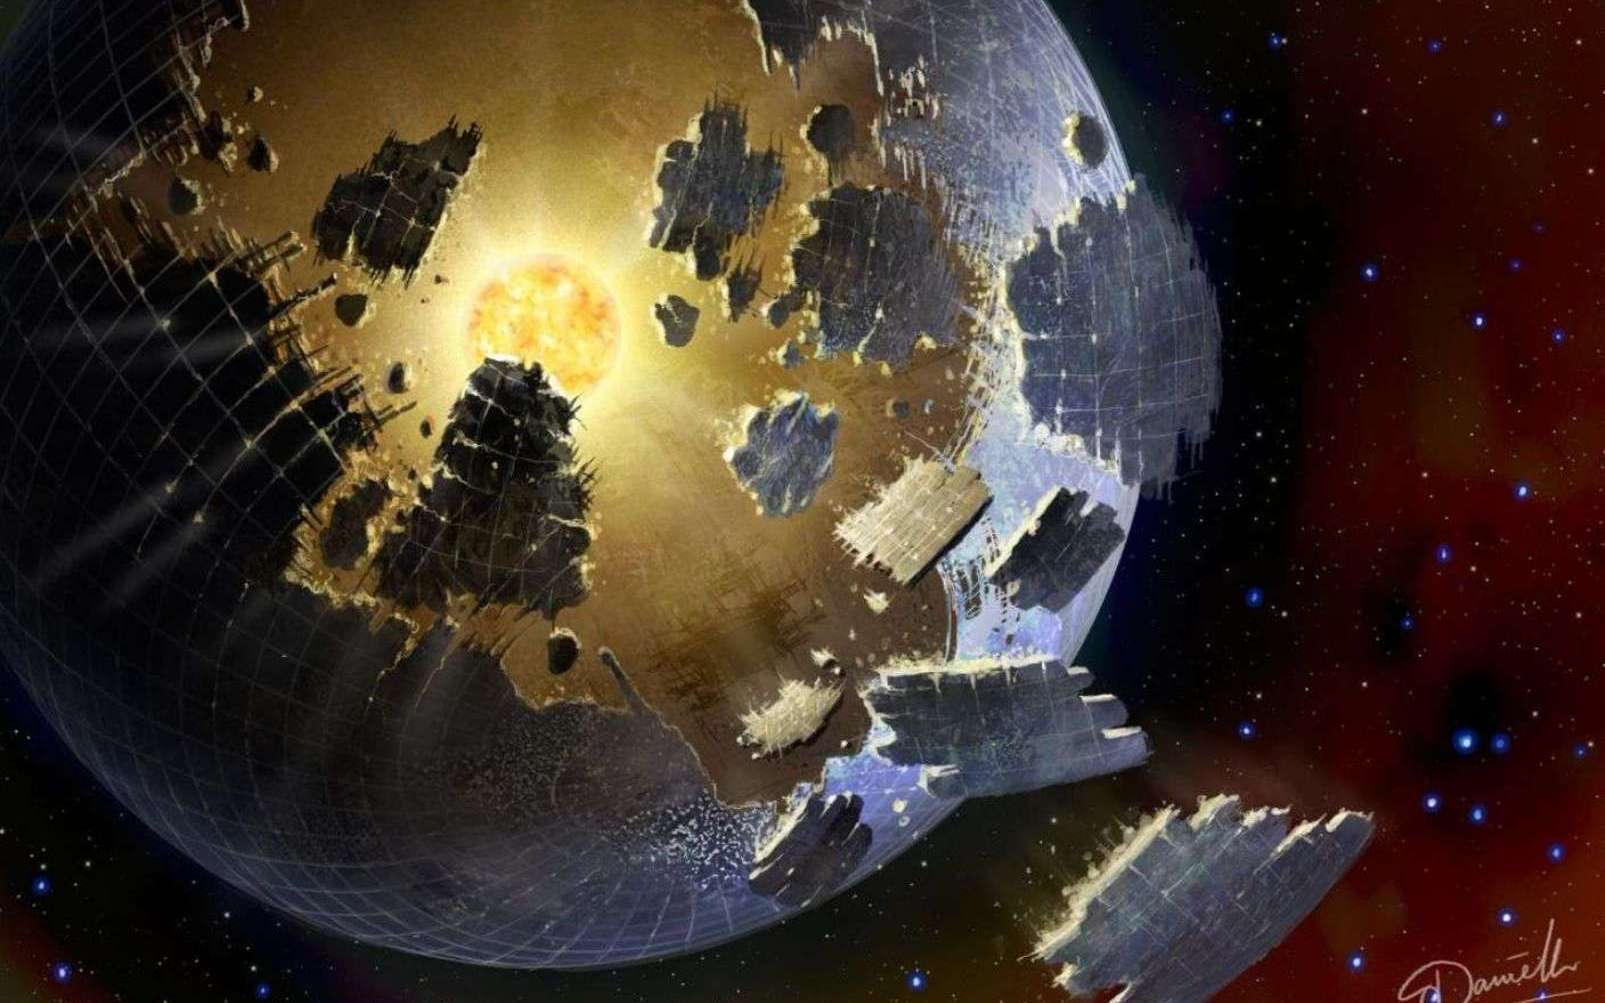 Une vision d'artiste d'une sphère de Dyson en cours de construction autour d'une étoile ayant donné naissance à une civilisation technologique gourmande en énergie. © Paul Duffield